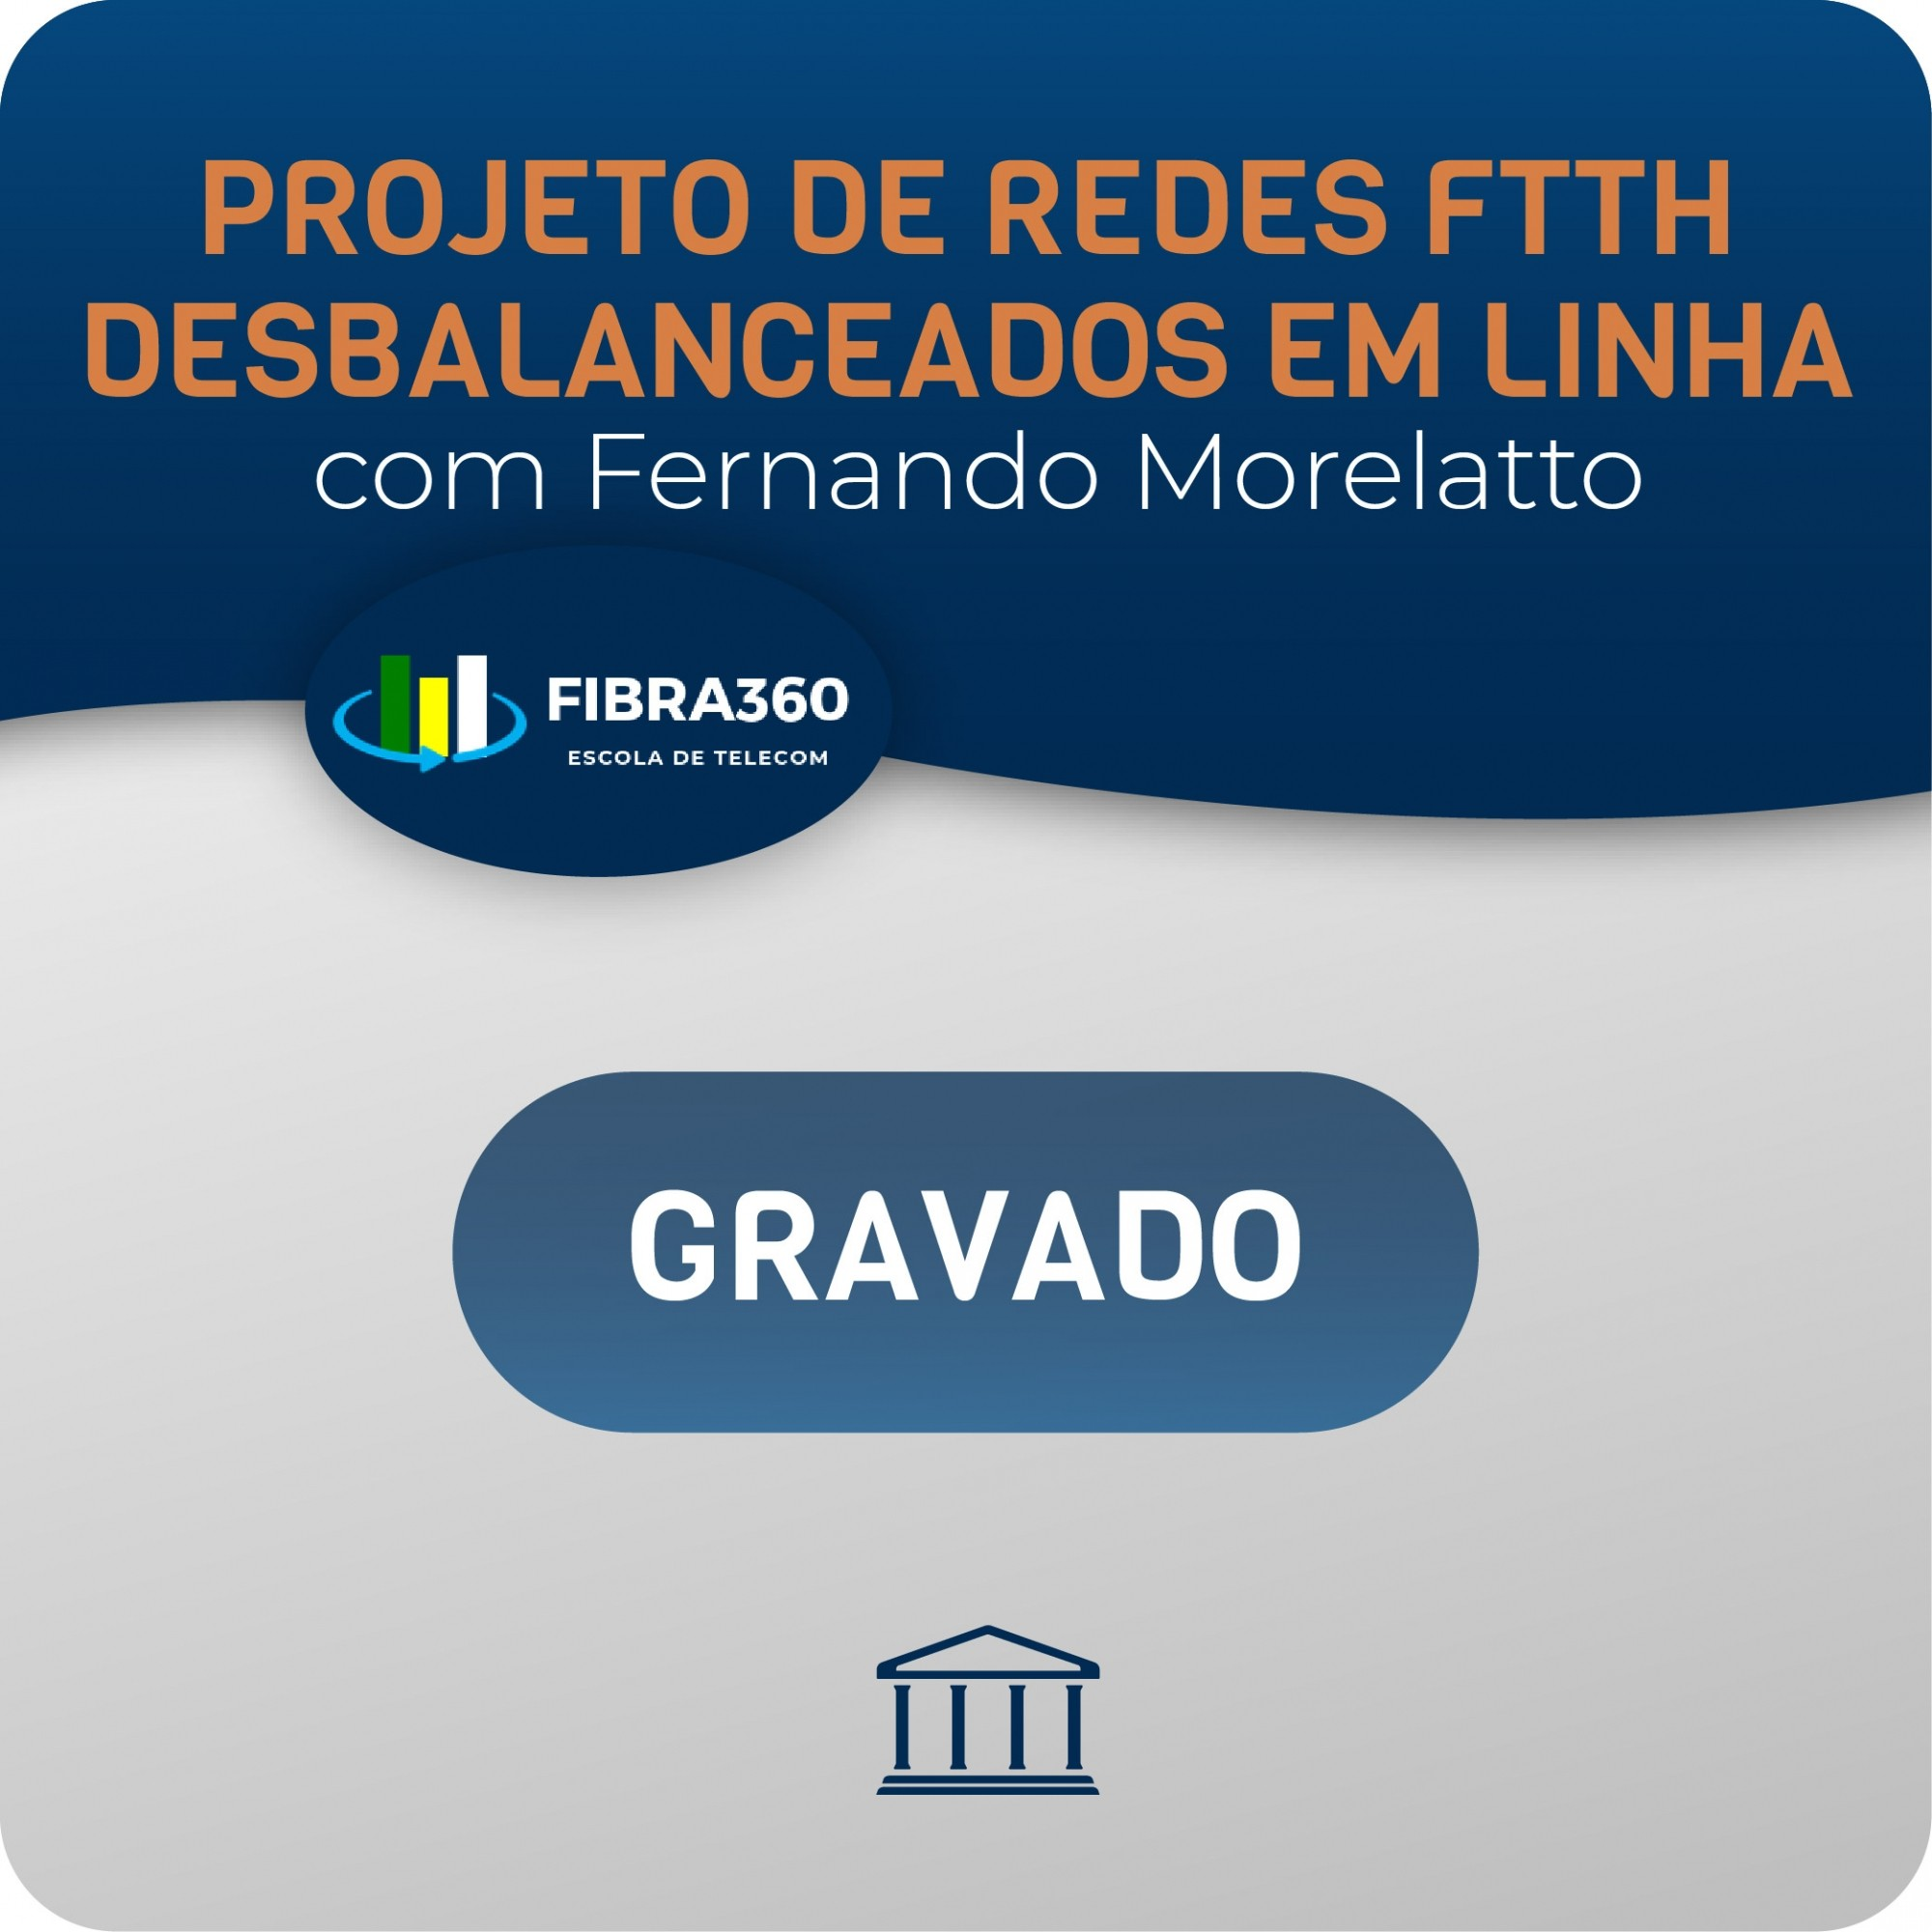 Projeto de Redes FTTH Desbalanceados em Linha - com Fernando Morellato - GRAVADO  - Voz e Dados